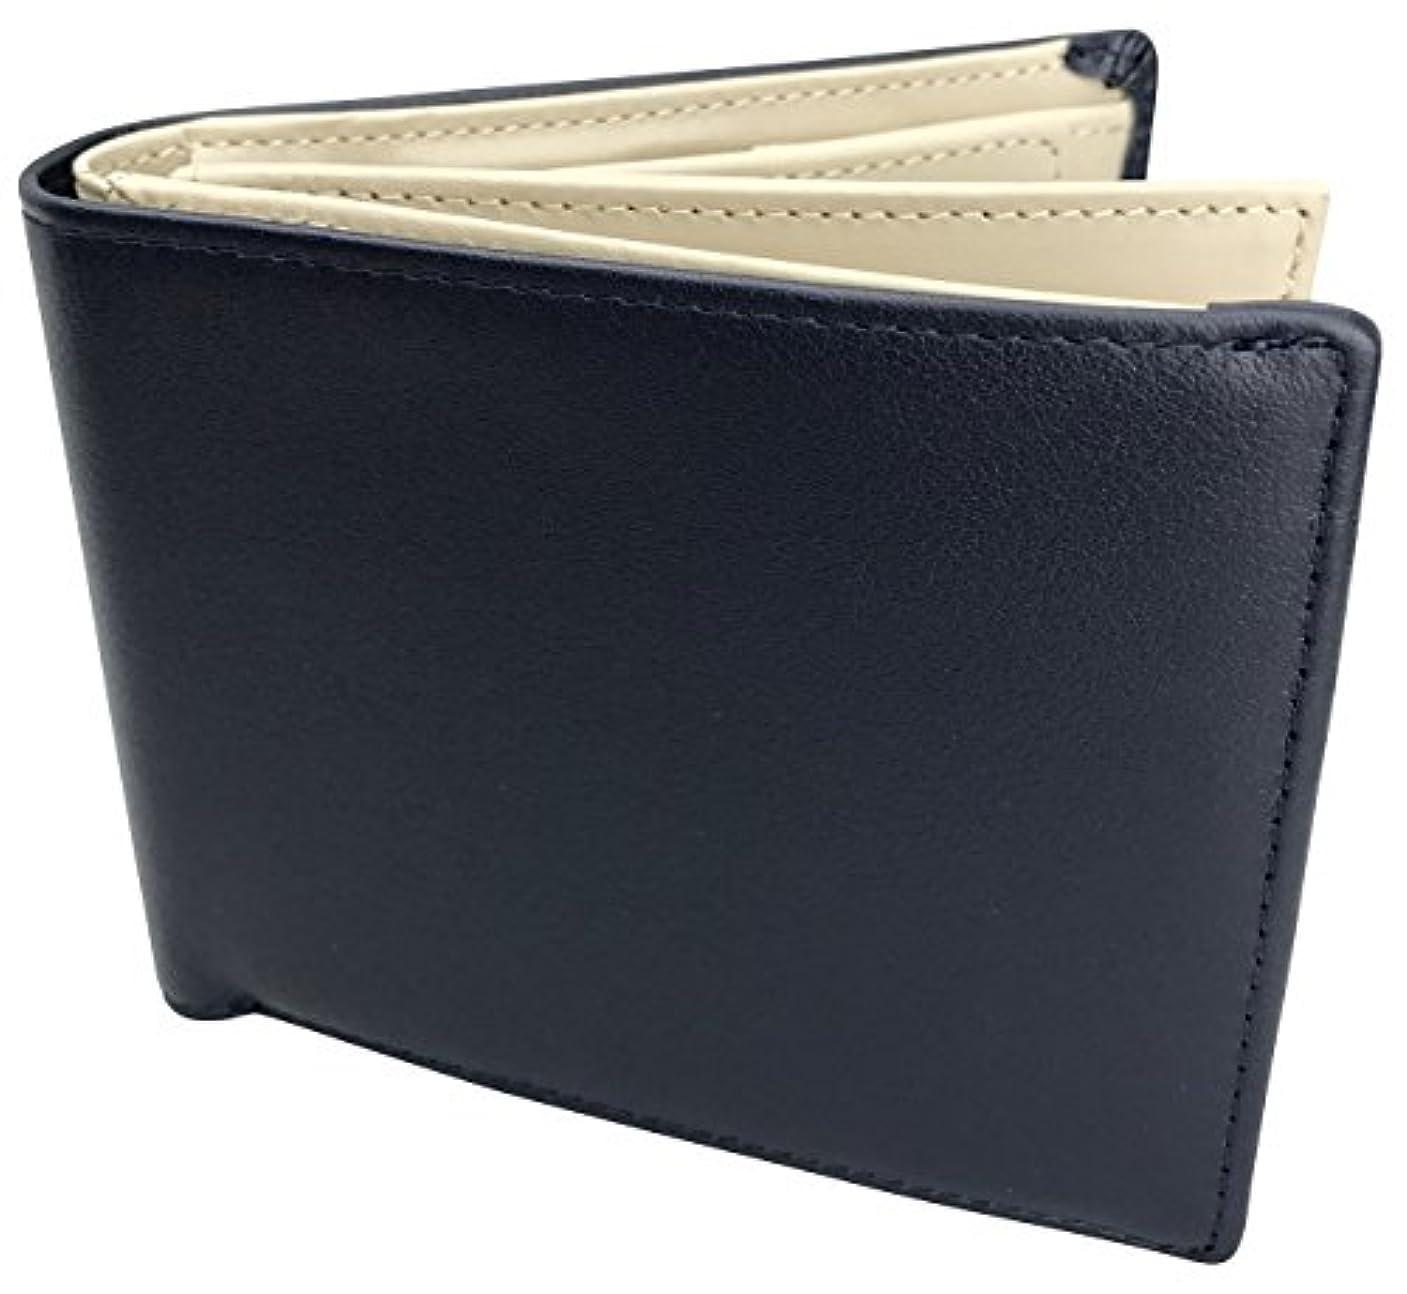 建築家本当に新しい意味[フロックス] 財布 二つ折り 二つ折り財布 本革 革 クリアホルダー付 ボックス型小銭入れ カード 大容量 ブランド 人気 メンズ レディース